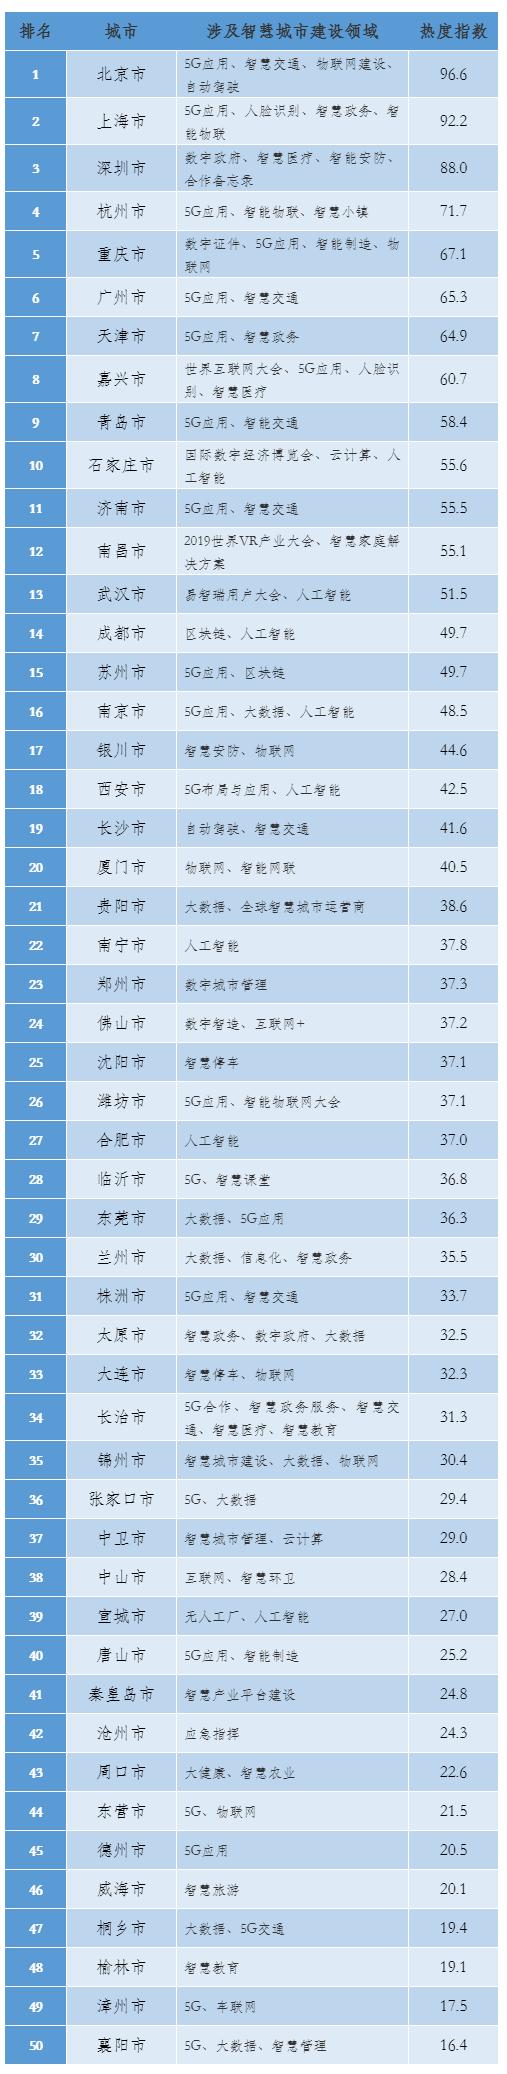 中国高科因收购控股子公司剩余股权相关事项收问询函